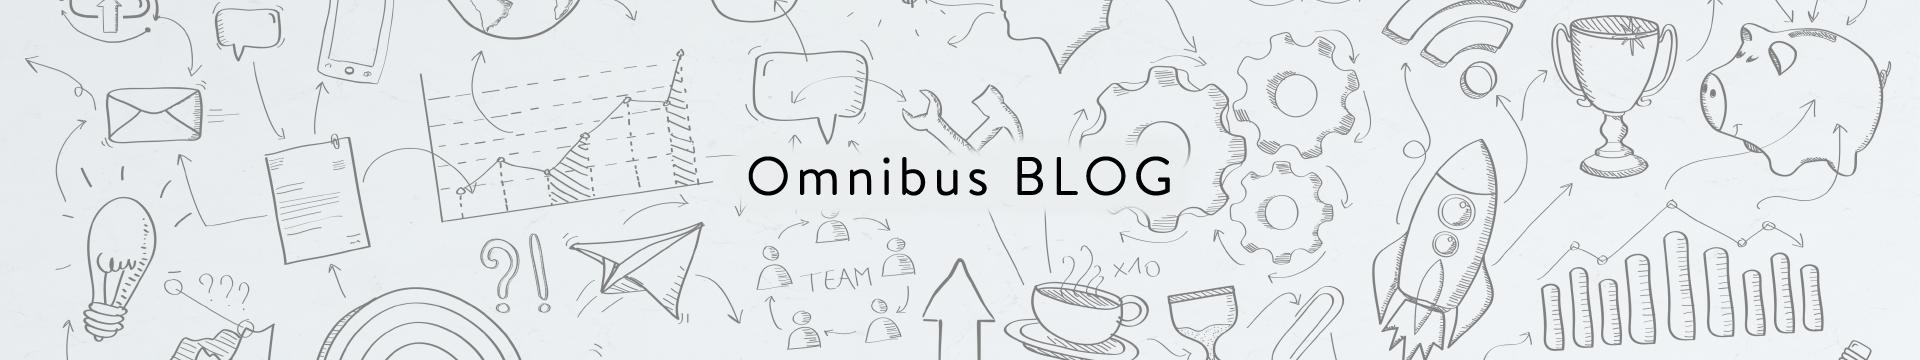 Omnibus Blog